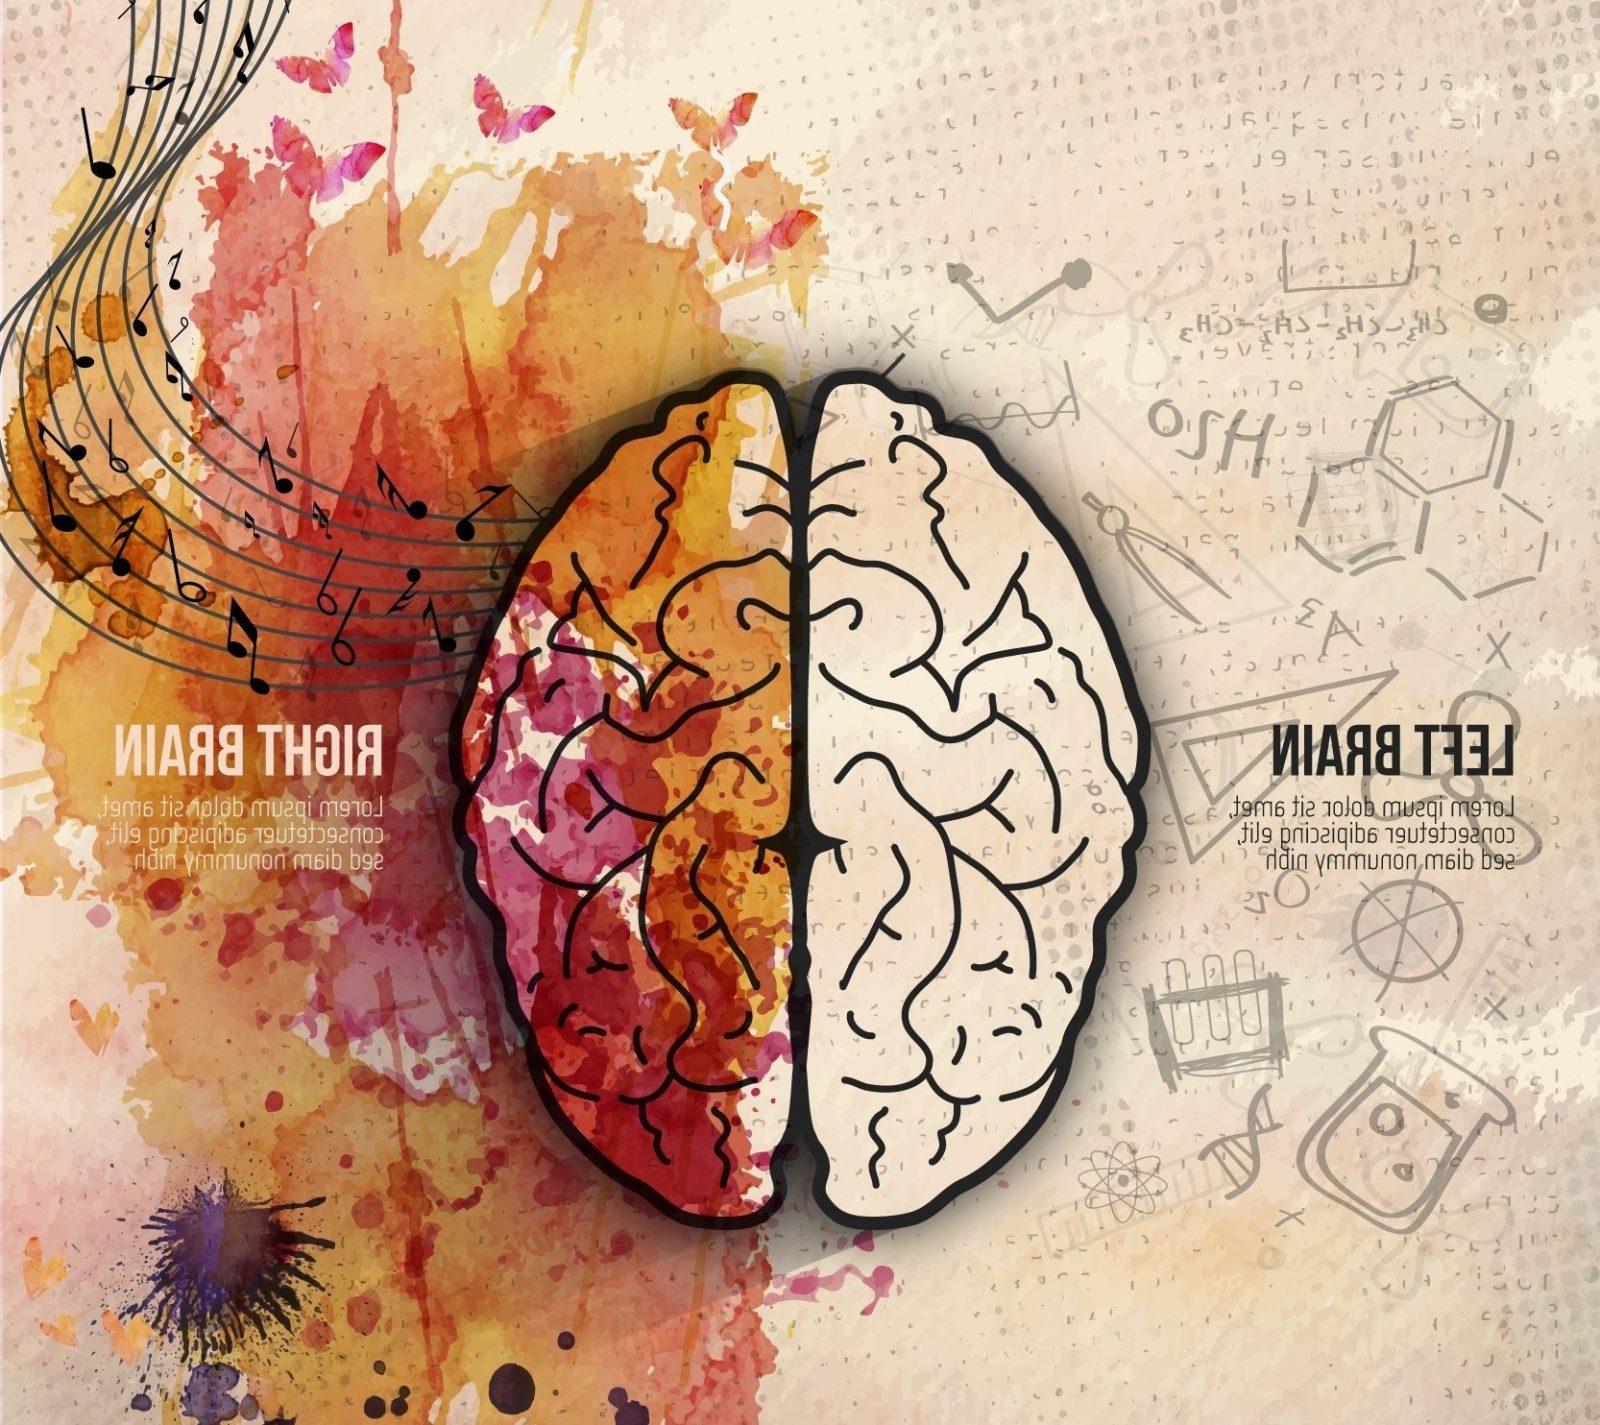 cerveau-mieux-jouer-en-public